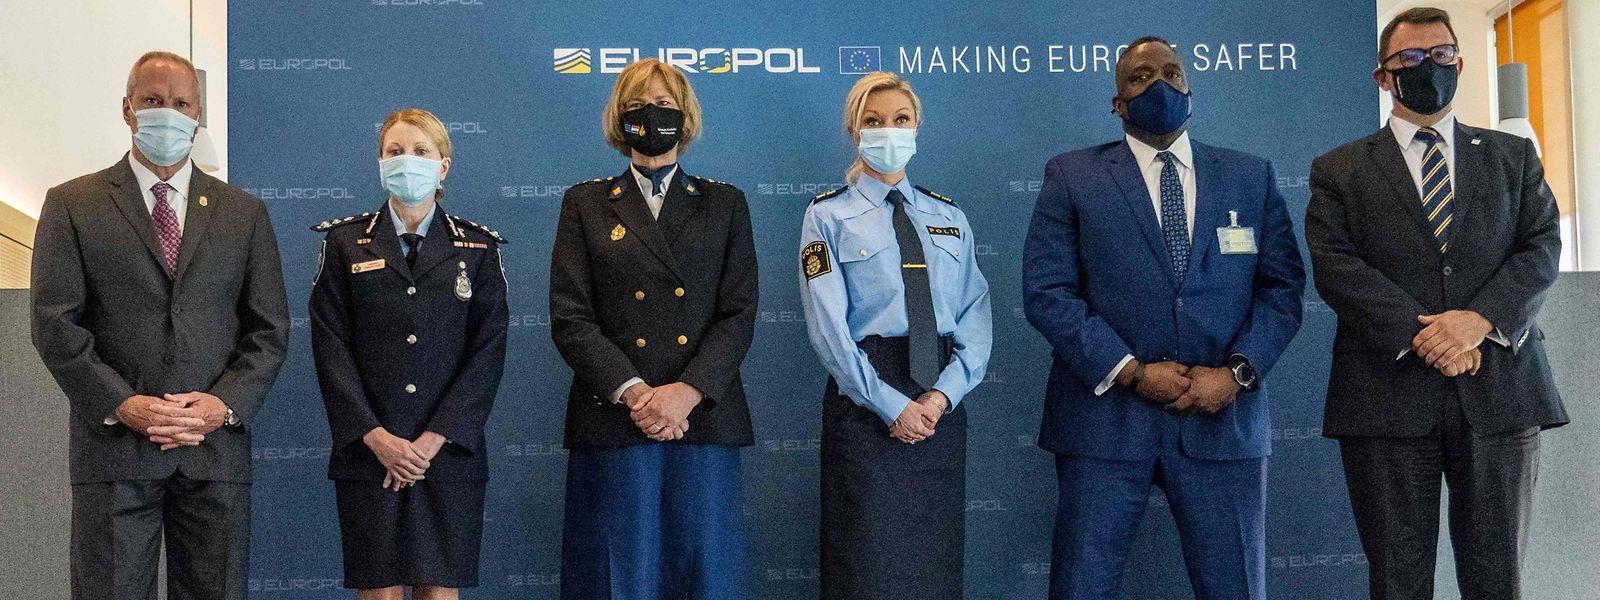 Internationalen Ermittlern gelang in einer der größten Polizei-Operationen ein Schlag gegen die Organisierte Kriminalität. Europol hielt am Morgen eine Pressekonferenz zu dem Einsatz.